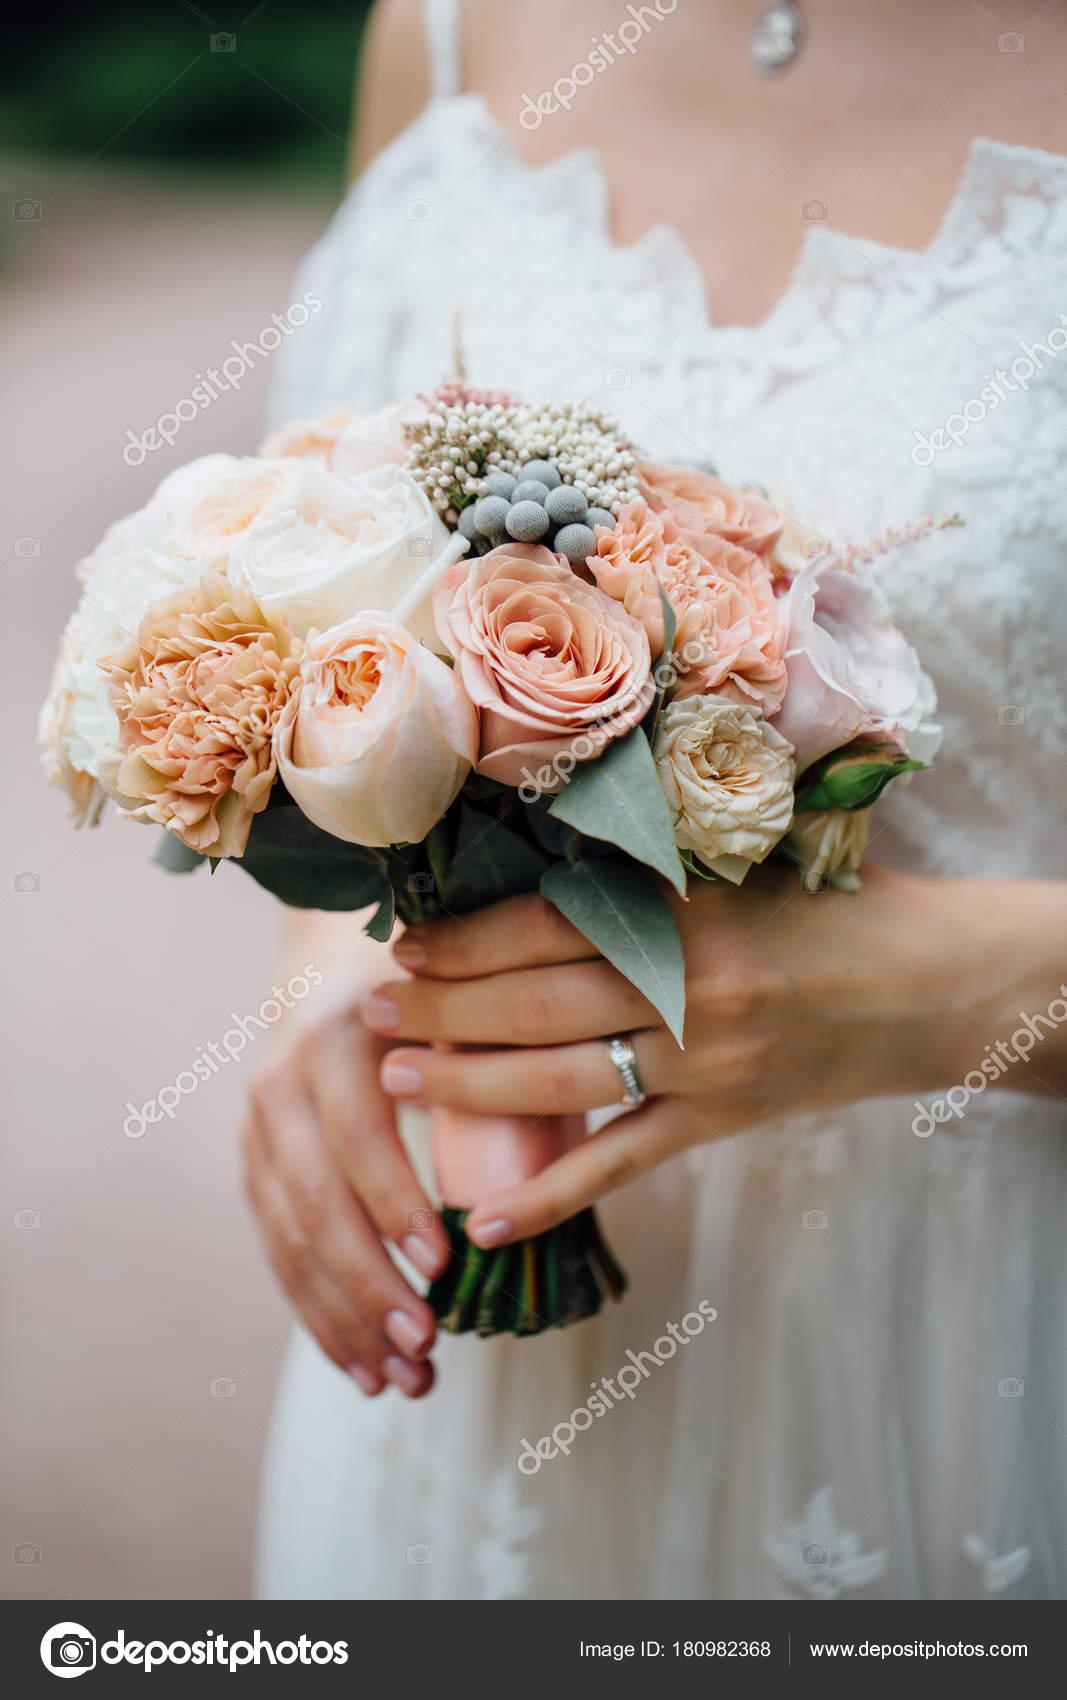 Brautstrauss In Handen Der Braute Beige Rosen Und Pfingstrosen